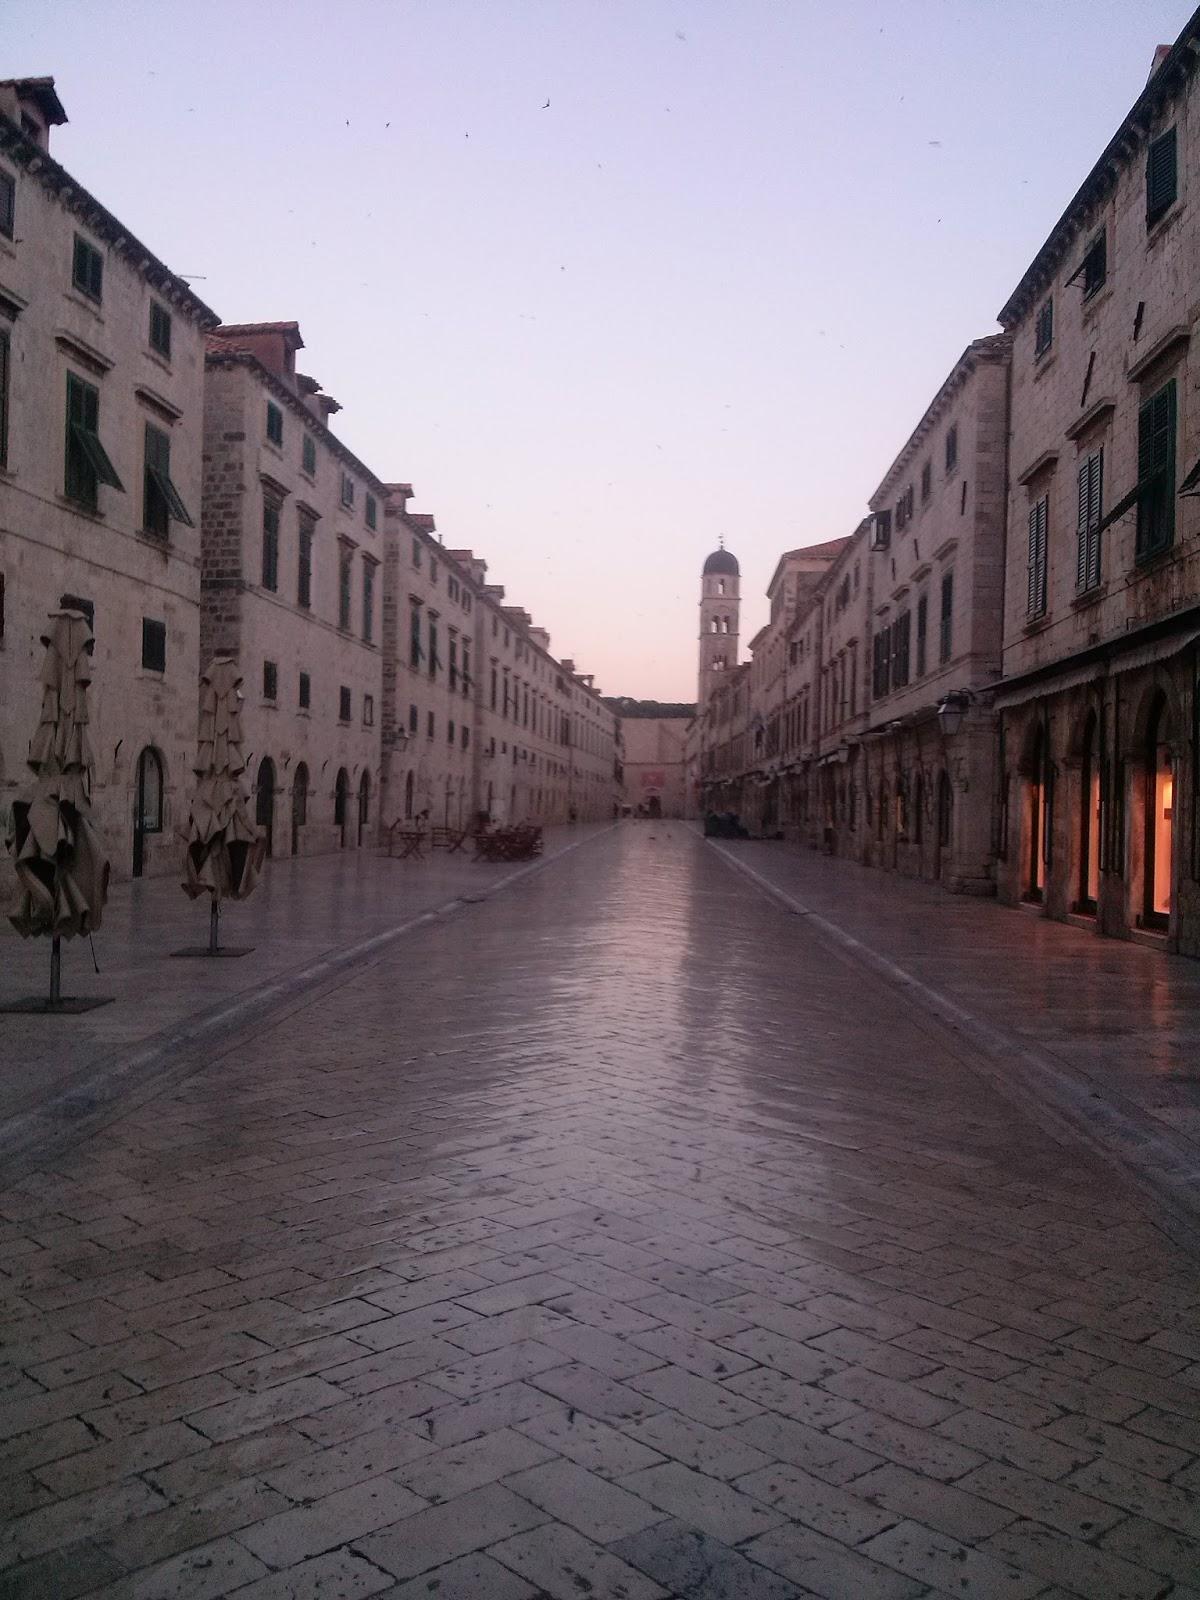 Calle principal de Dubrovnik sin gente